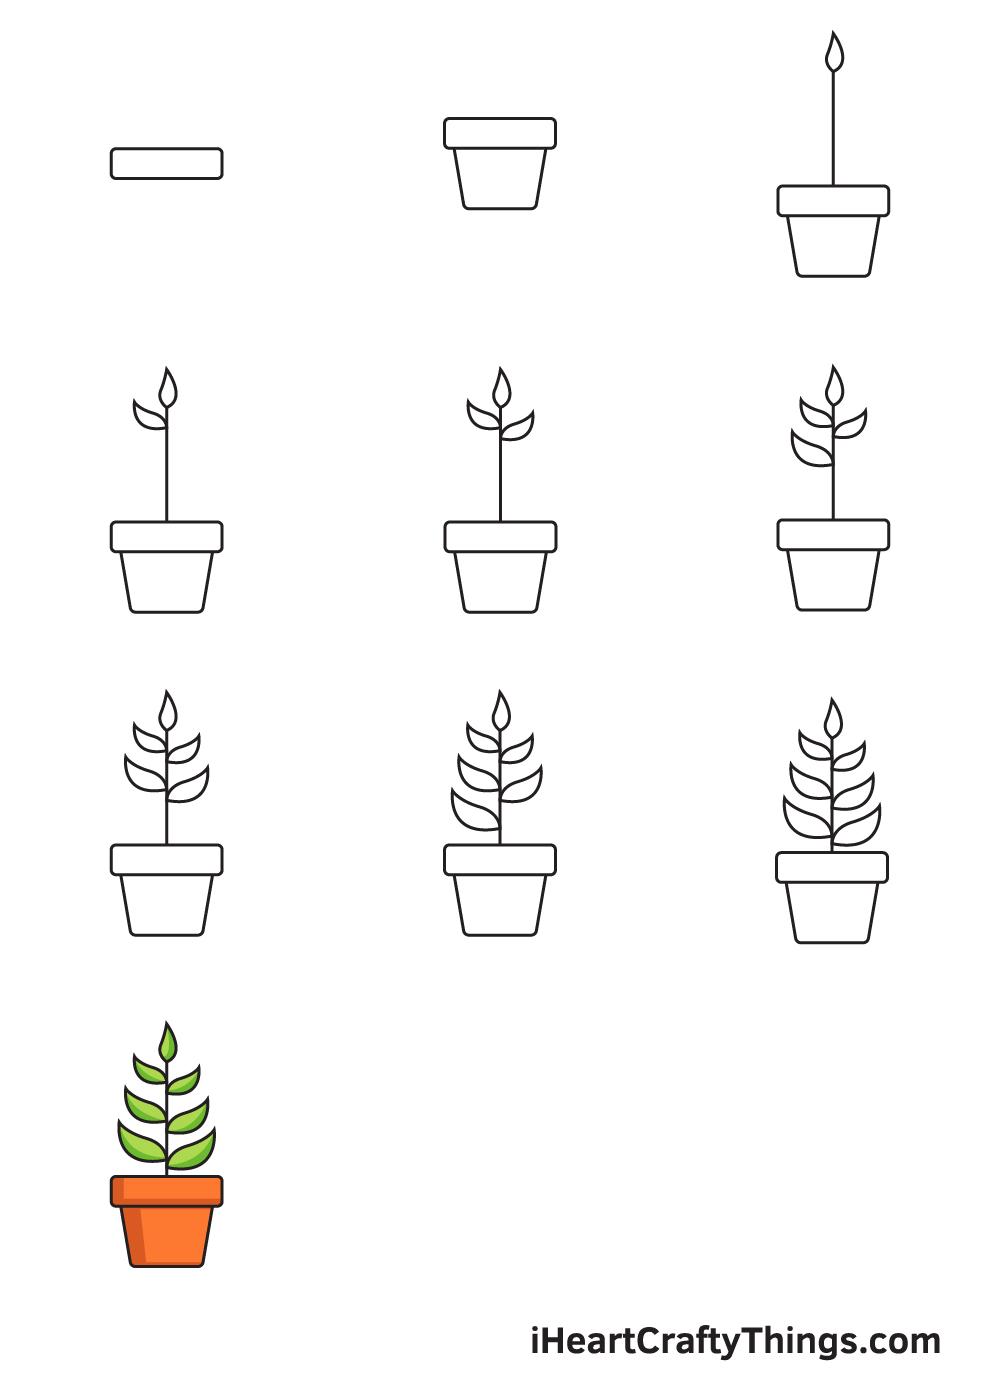 Vẽ cây trong 9 bước đơn giản